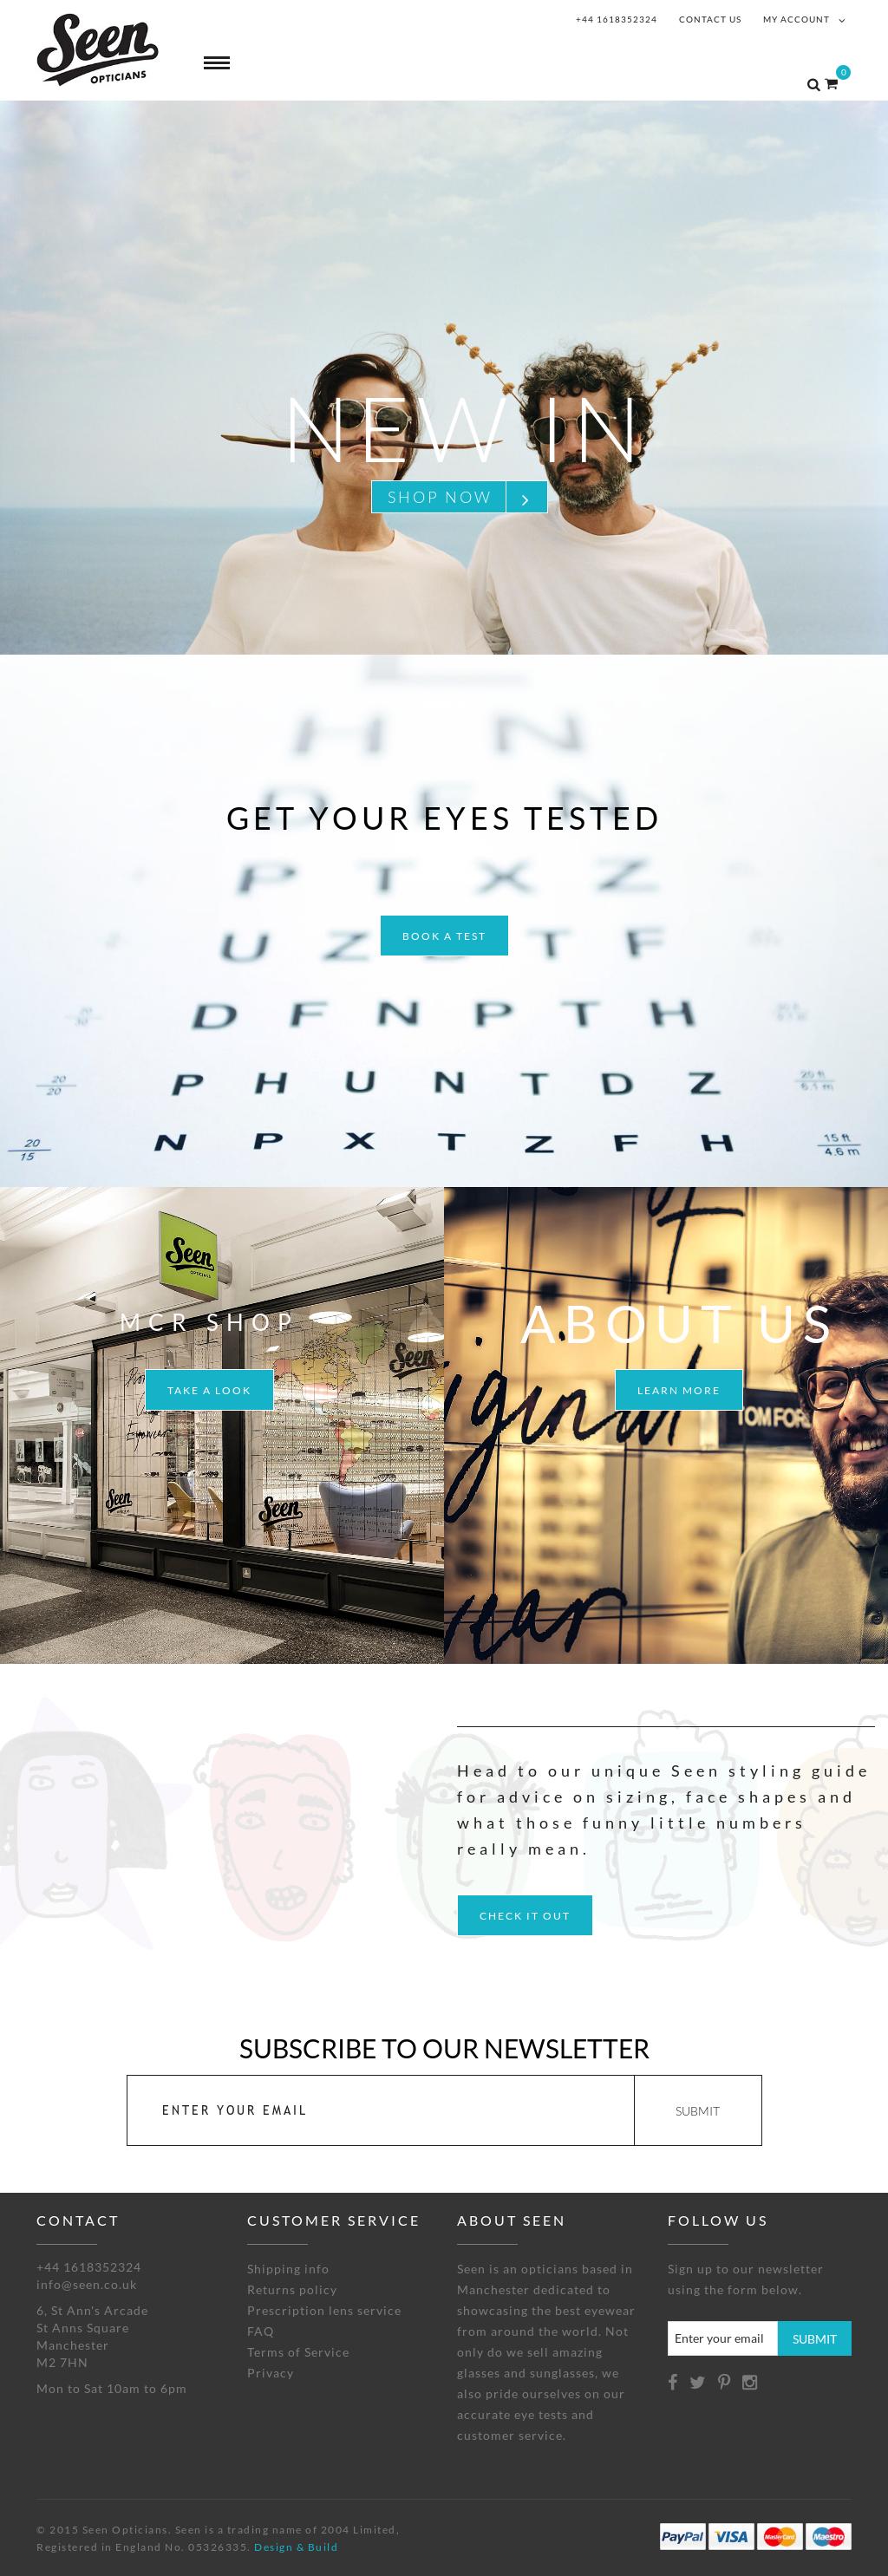 008c108e69d9 Seen Opticians Competitors